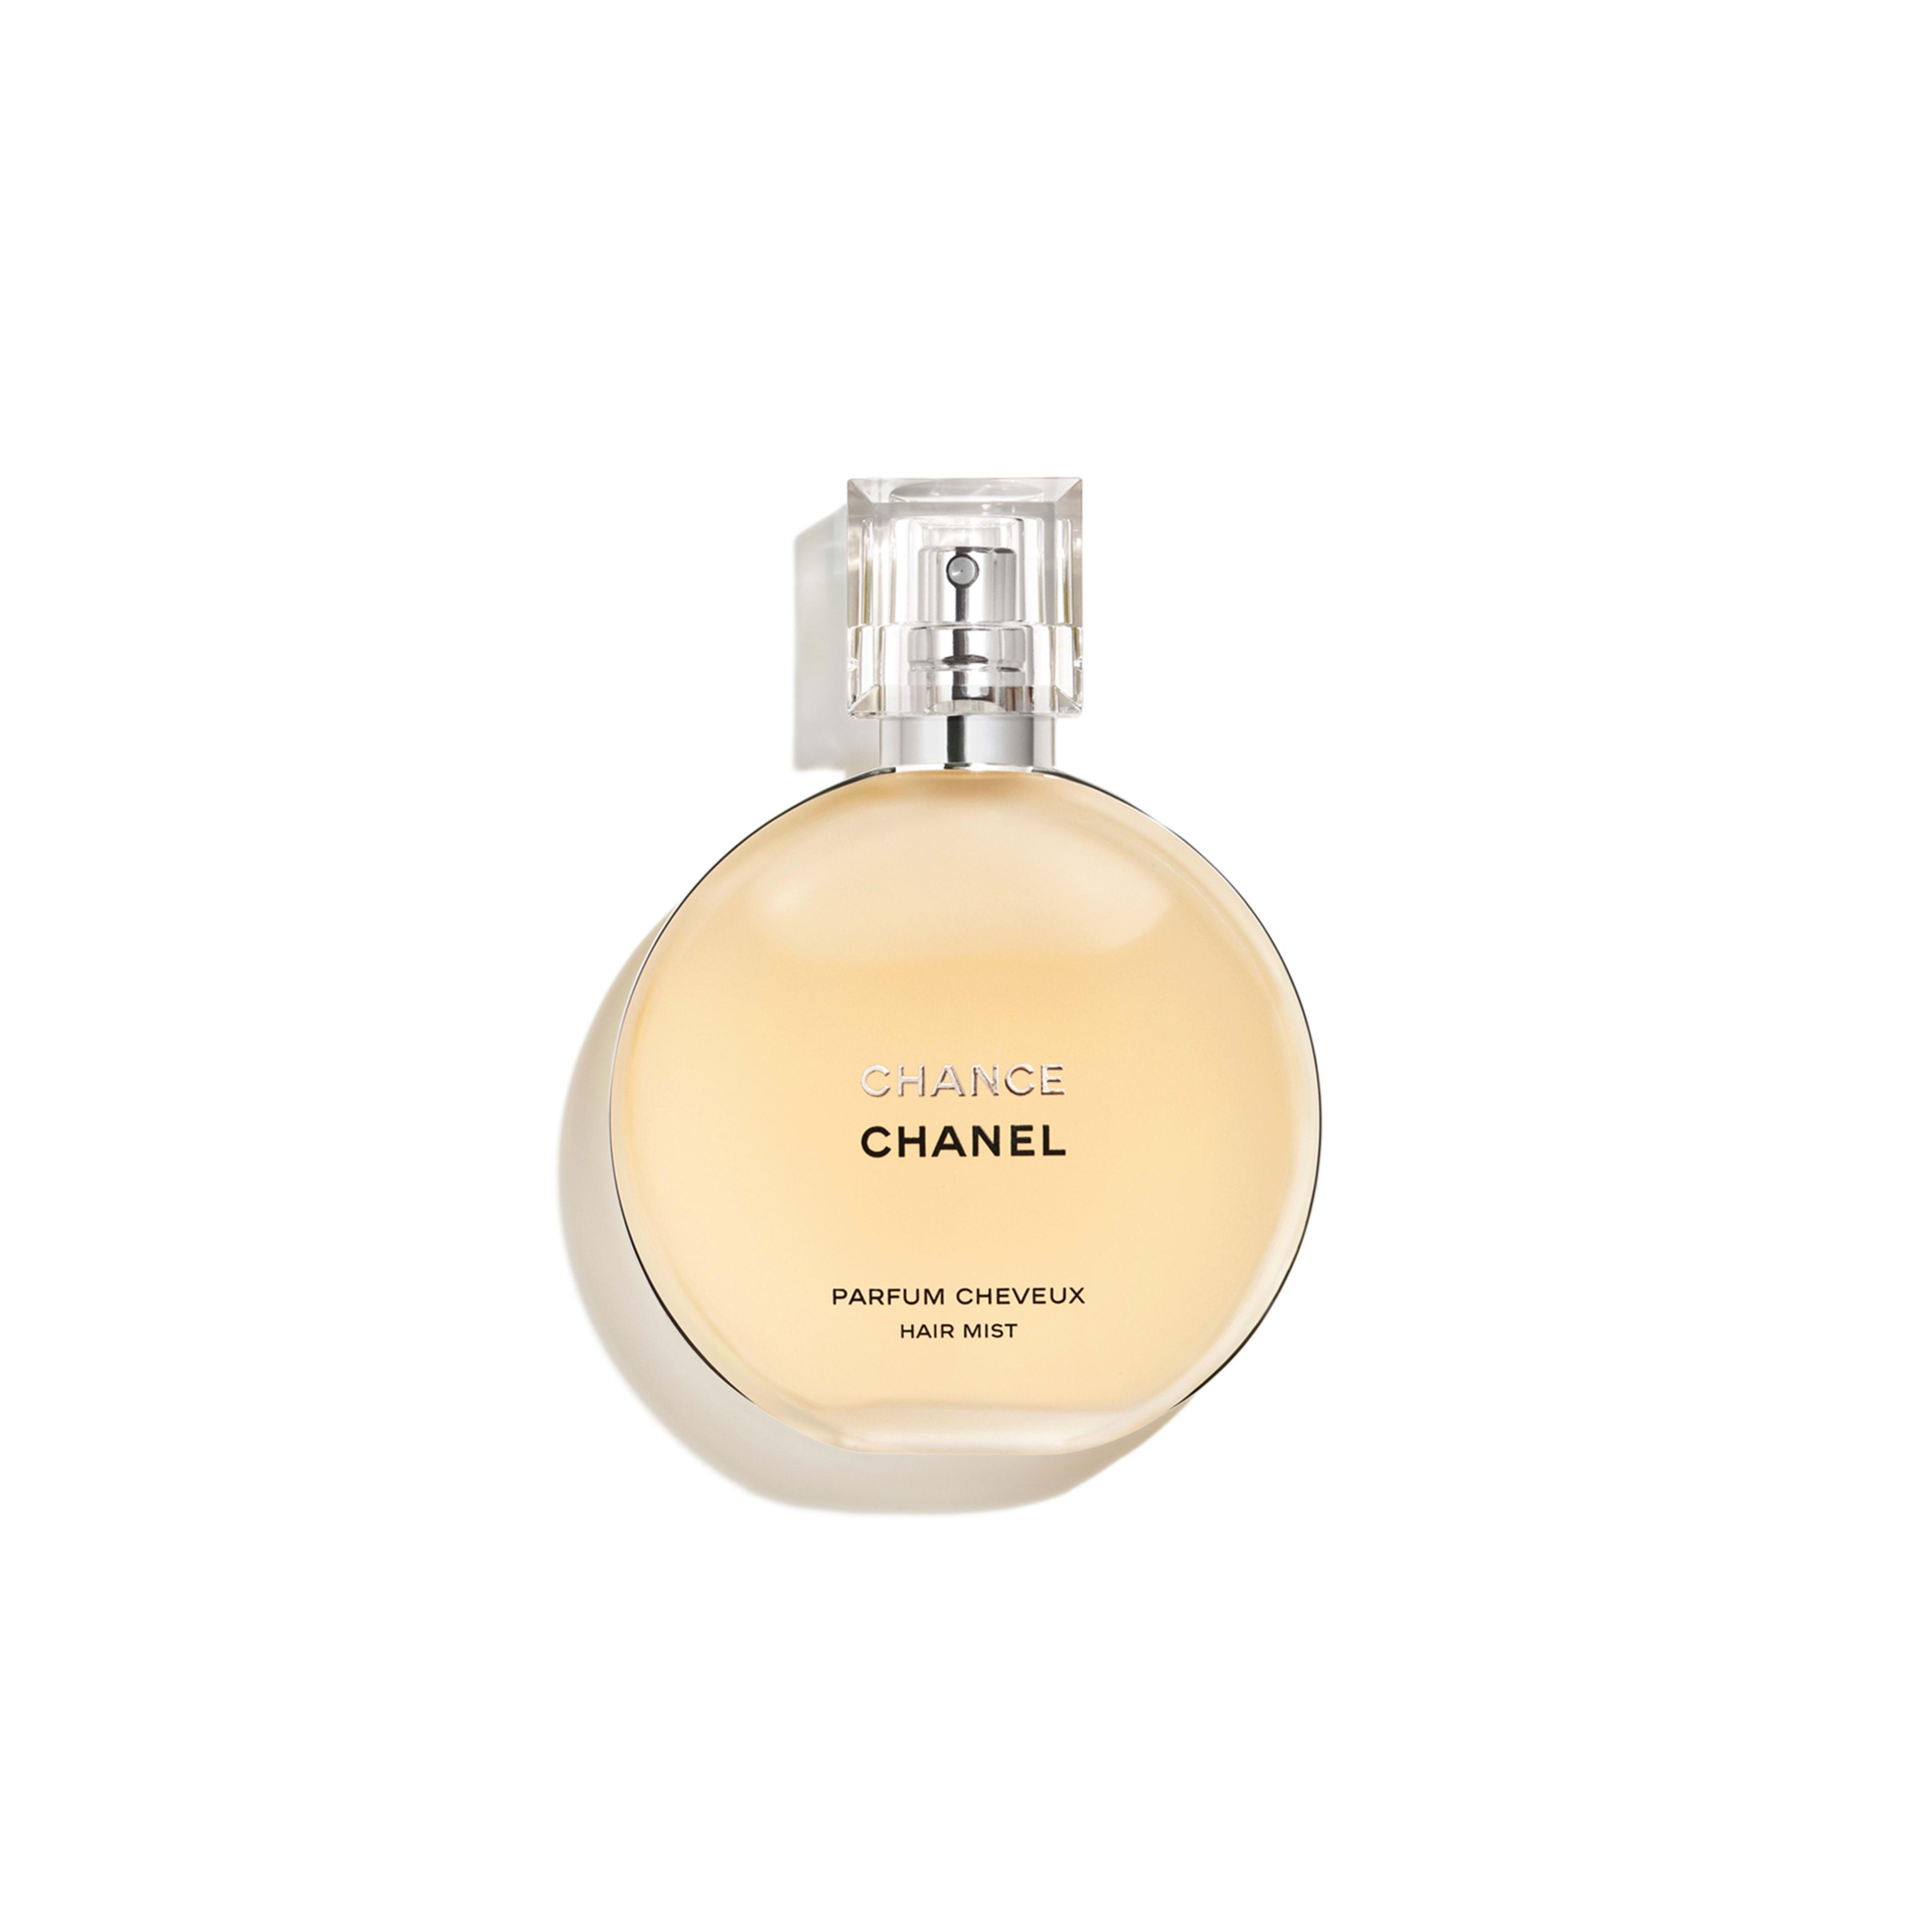 CHANCE - fragrance - 35ml - Widok domyślny